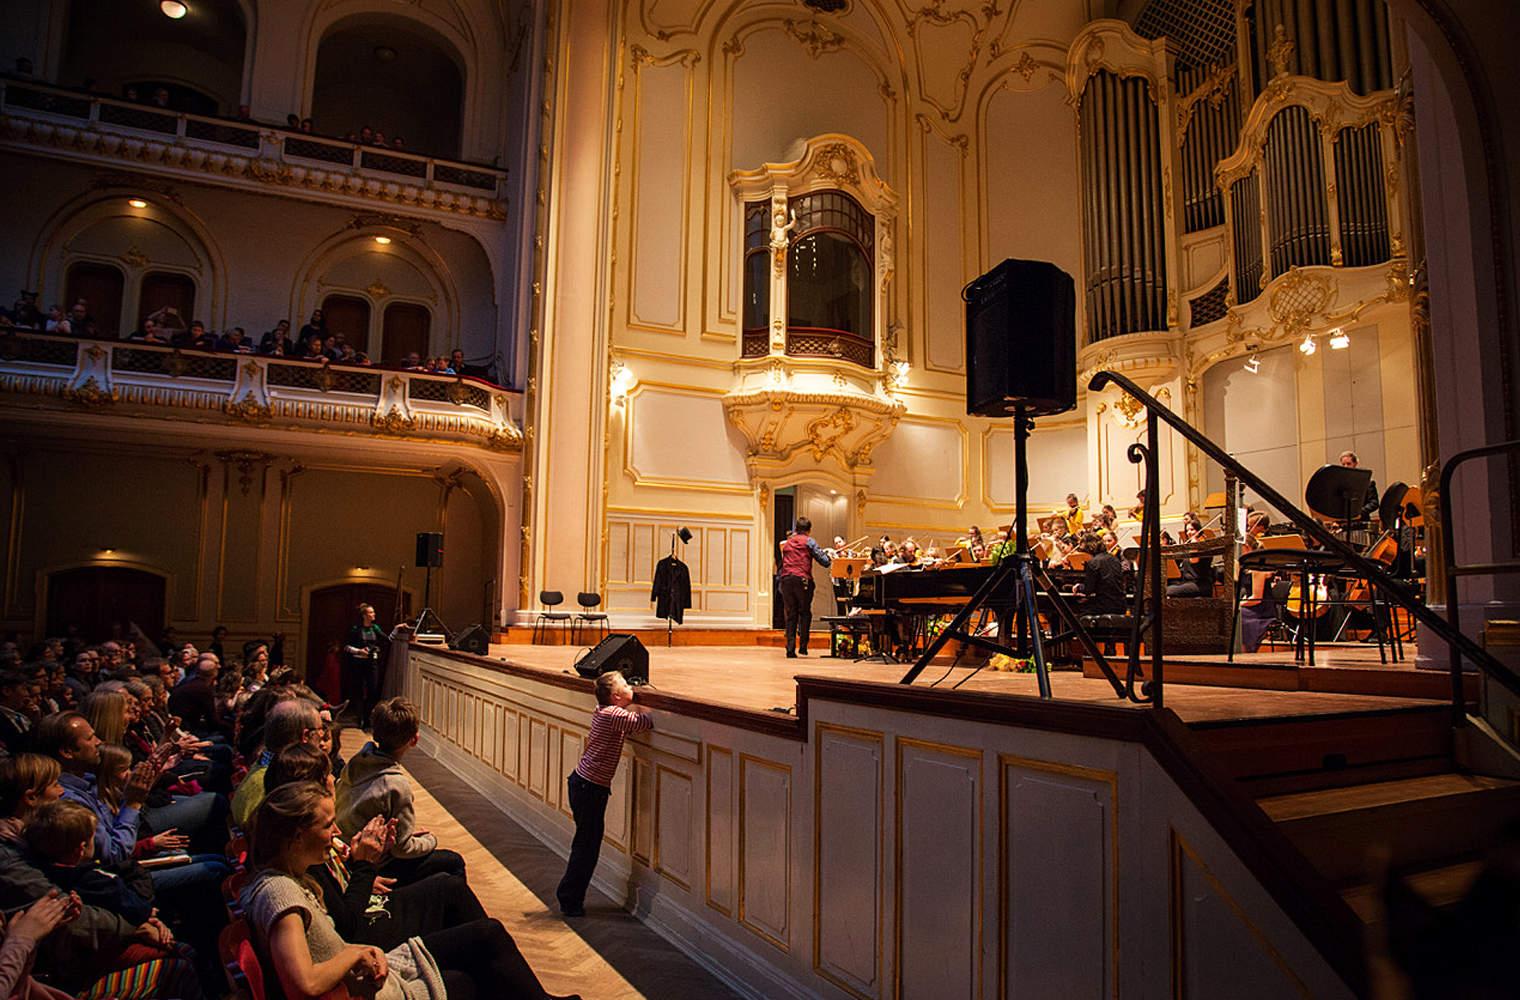 Willi, der Sohn der Autorin, steht in einem Konzertsaal ganz vorne an der Bühne, um den Musikerinnen und Musikern ganz nahe zu sein.